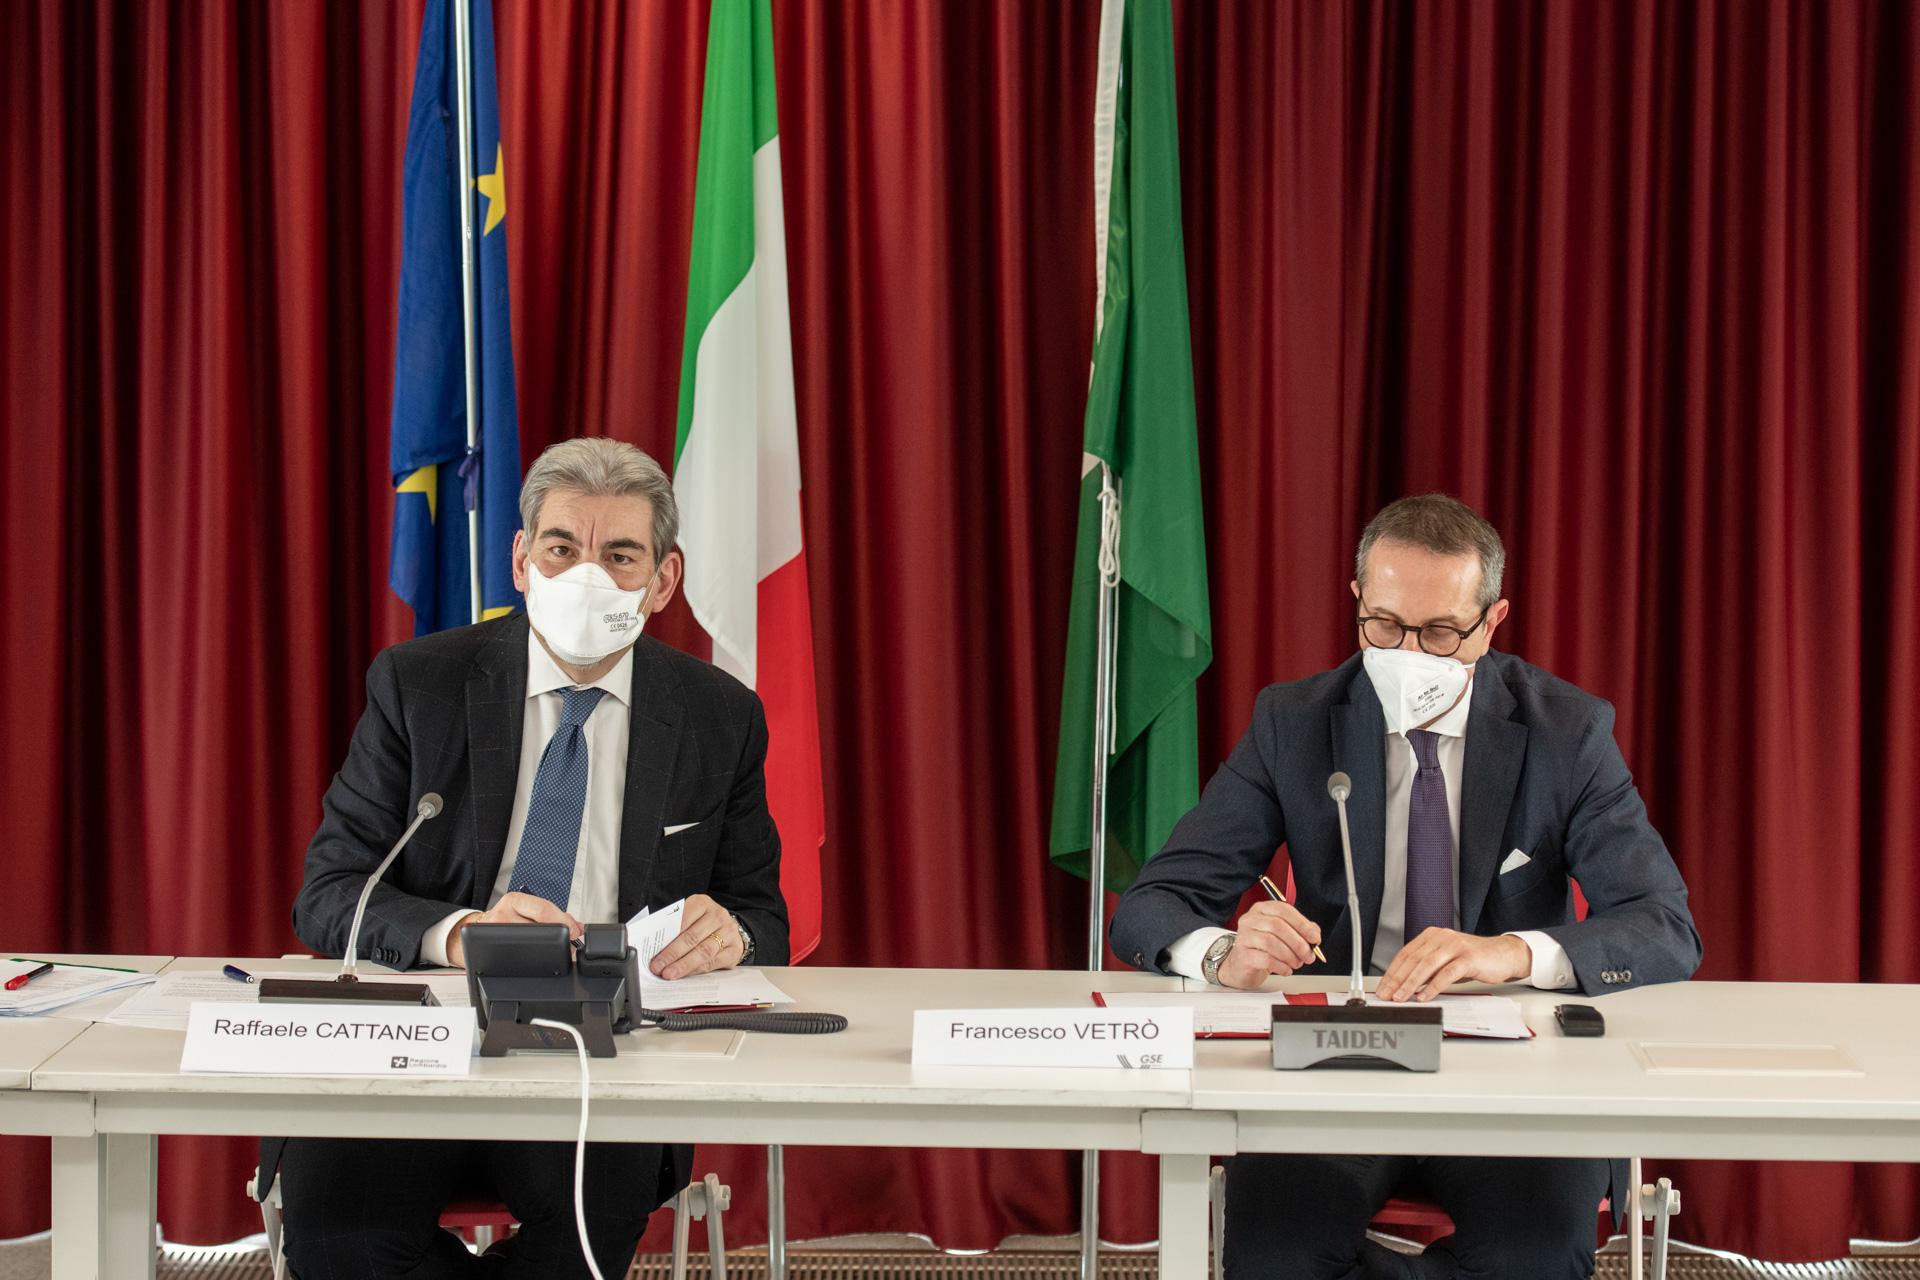 Accordo fra Regione e Gse, la trasizione energetica parte dagli enti pubblici